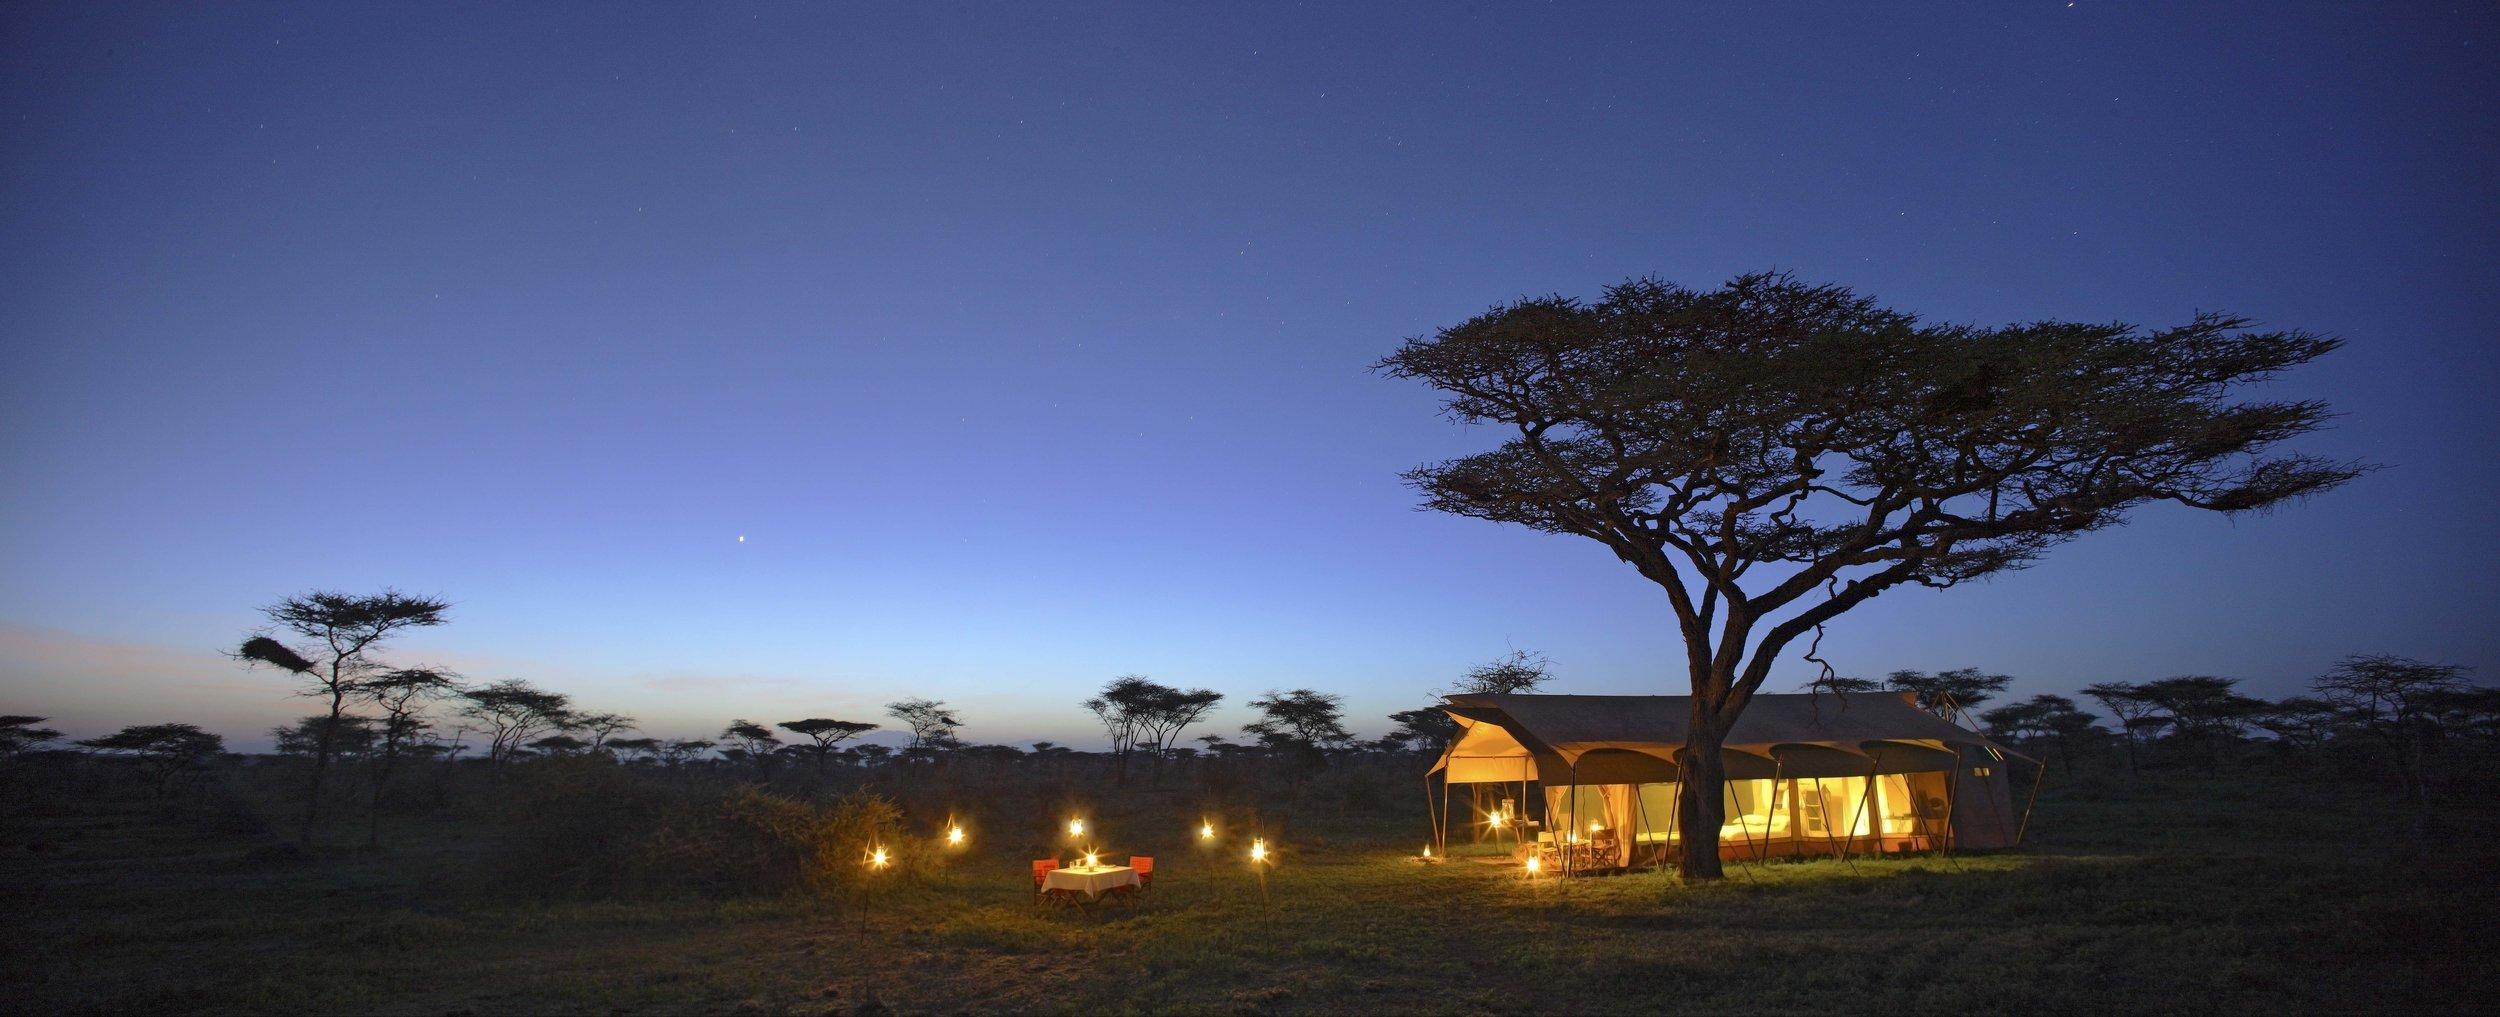 Serengeti UC 2014-232.1.jpg